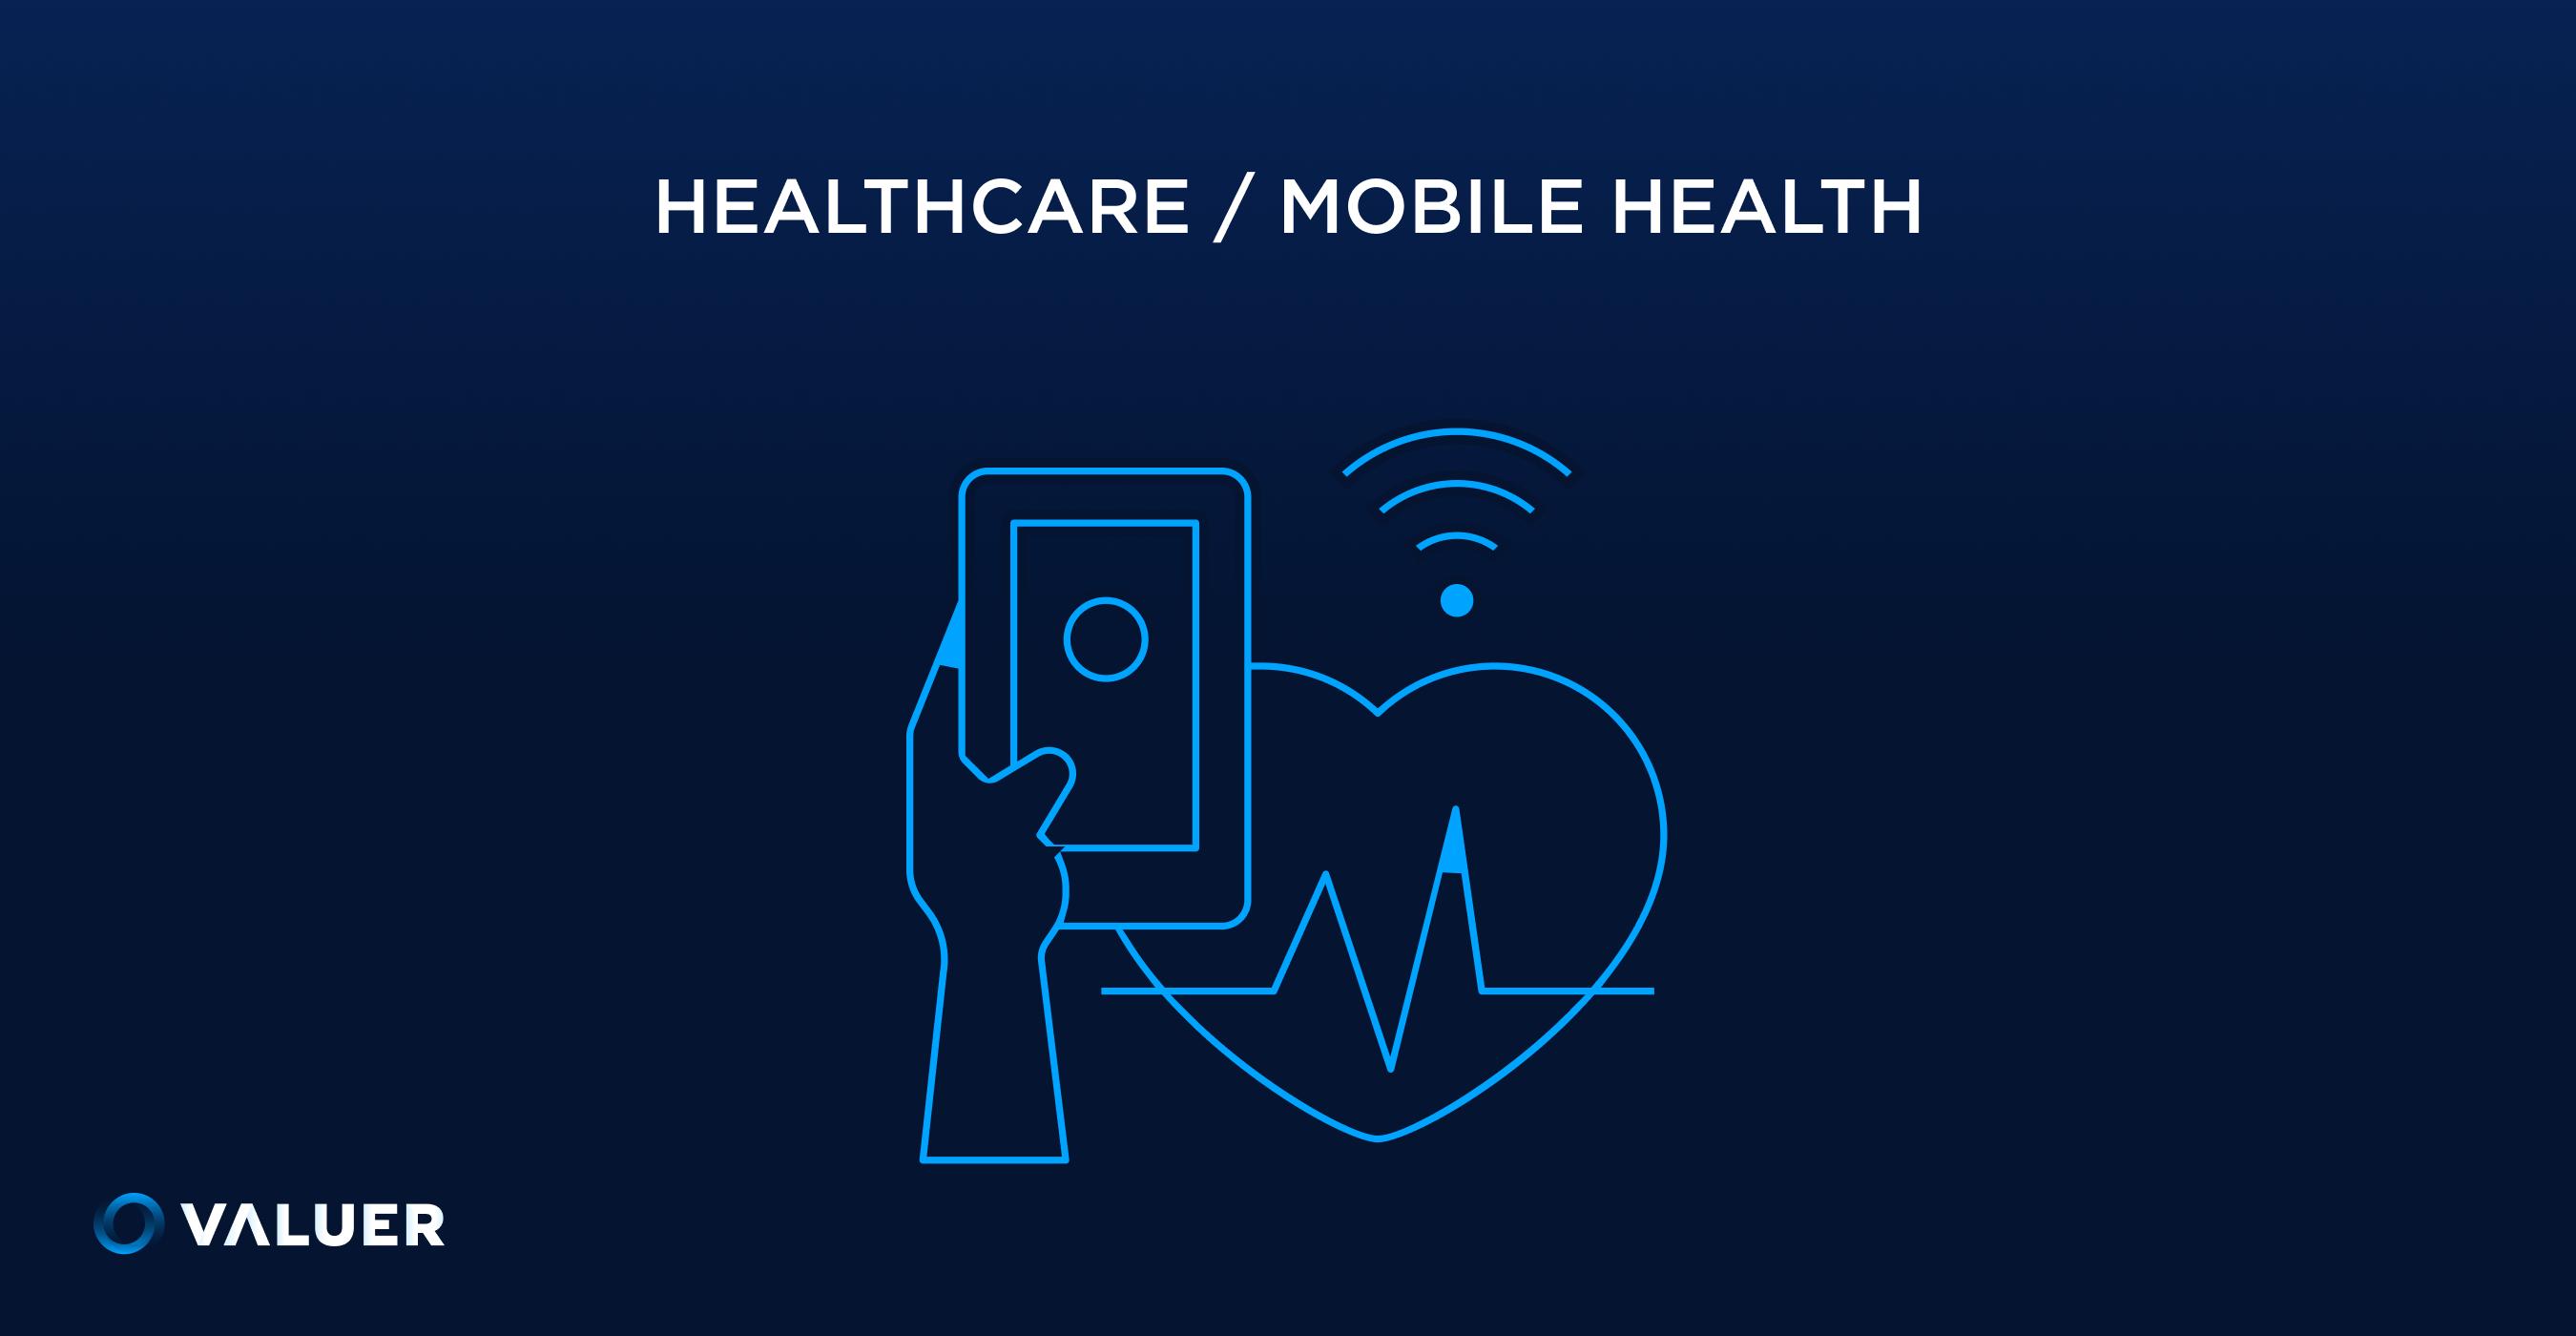 Mobile healthcare future Valuer